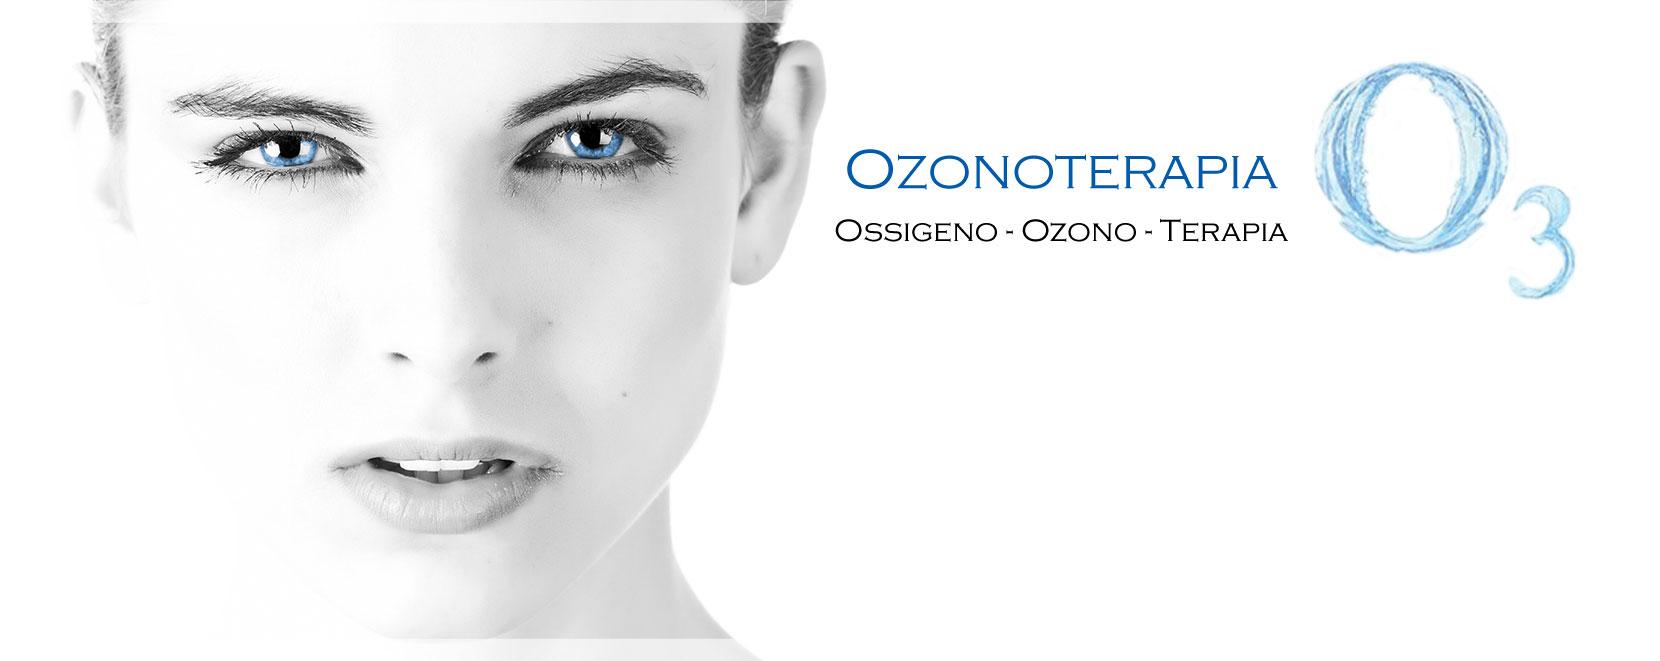 Ossigeno Ozonoterapia - Fisioterapia CCM